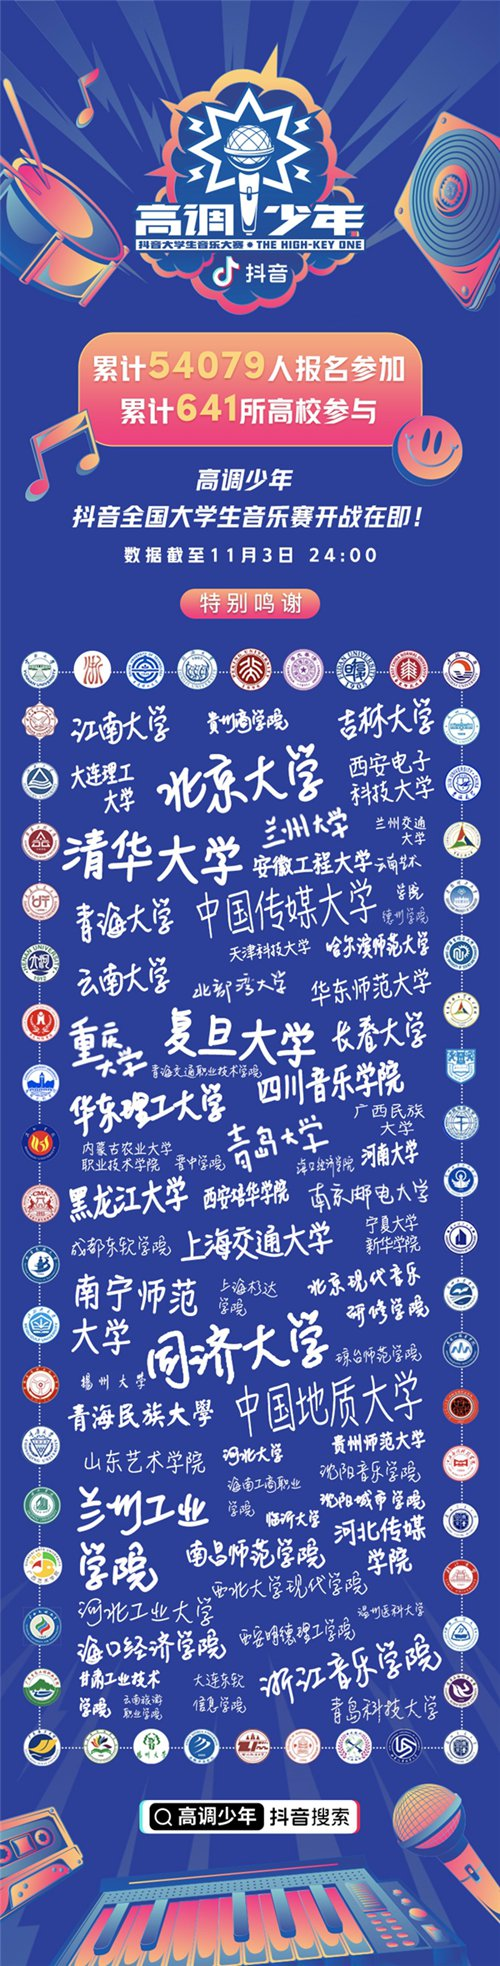 """641所高校集结""""高调少年"""",抖音大学生音乐大赛正式启动!"""